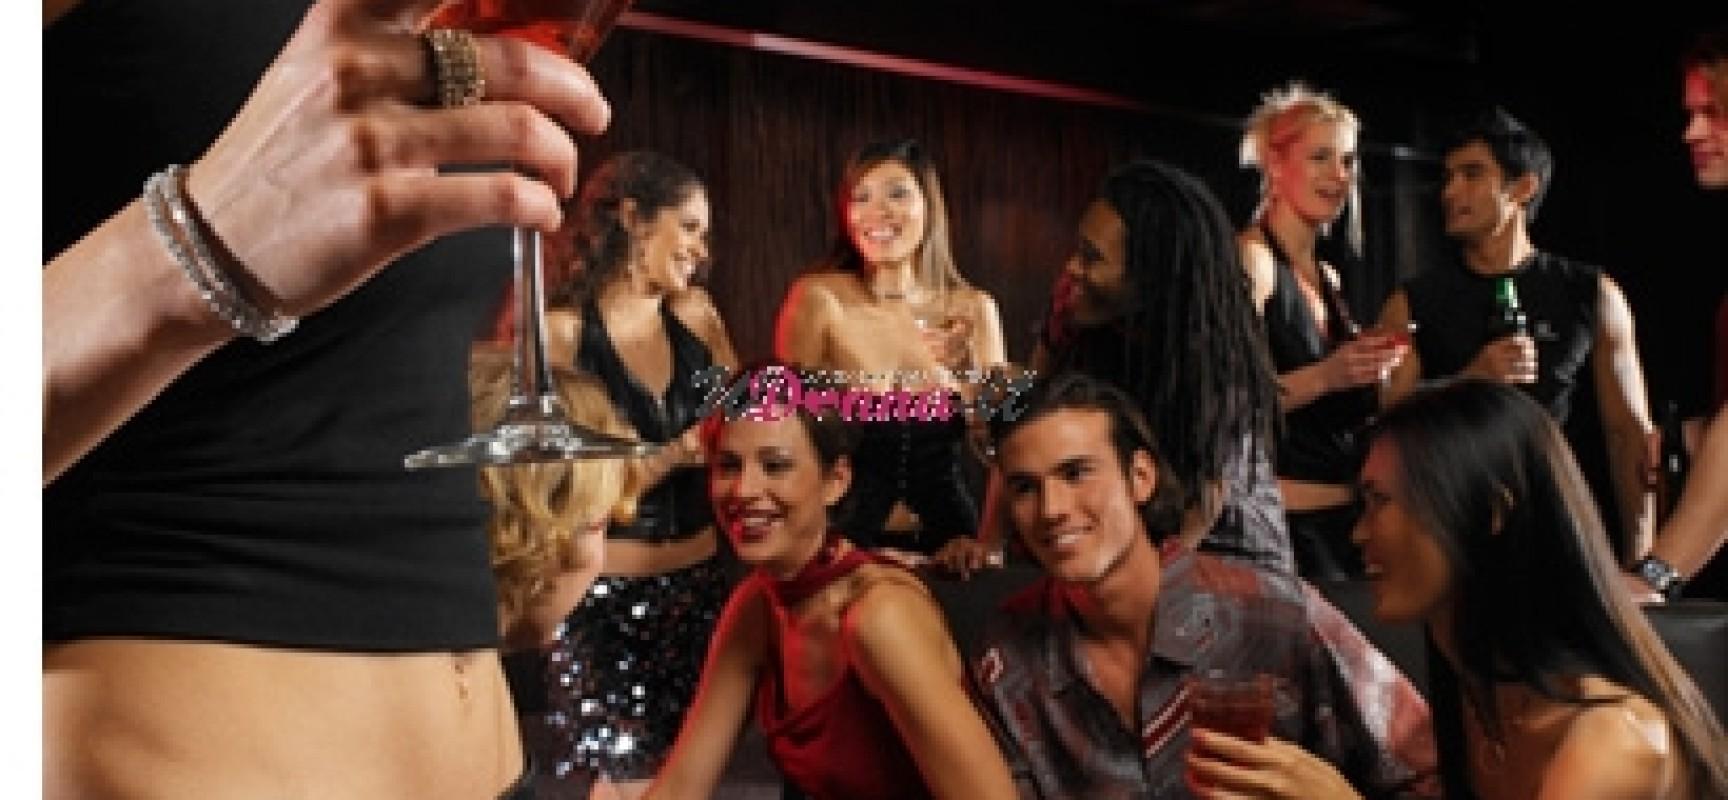 Organizzazione di prevenzione di dipendenza alcolica